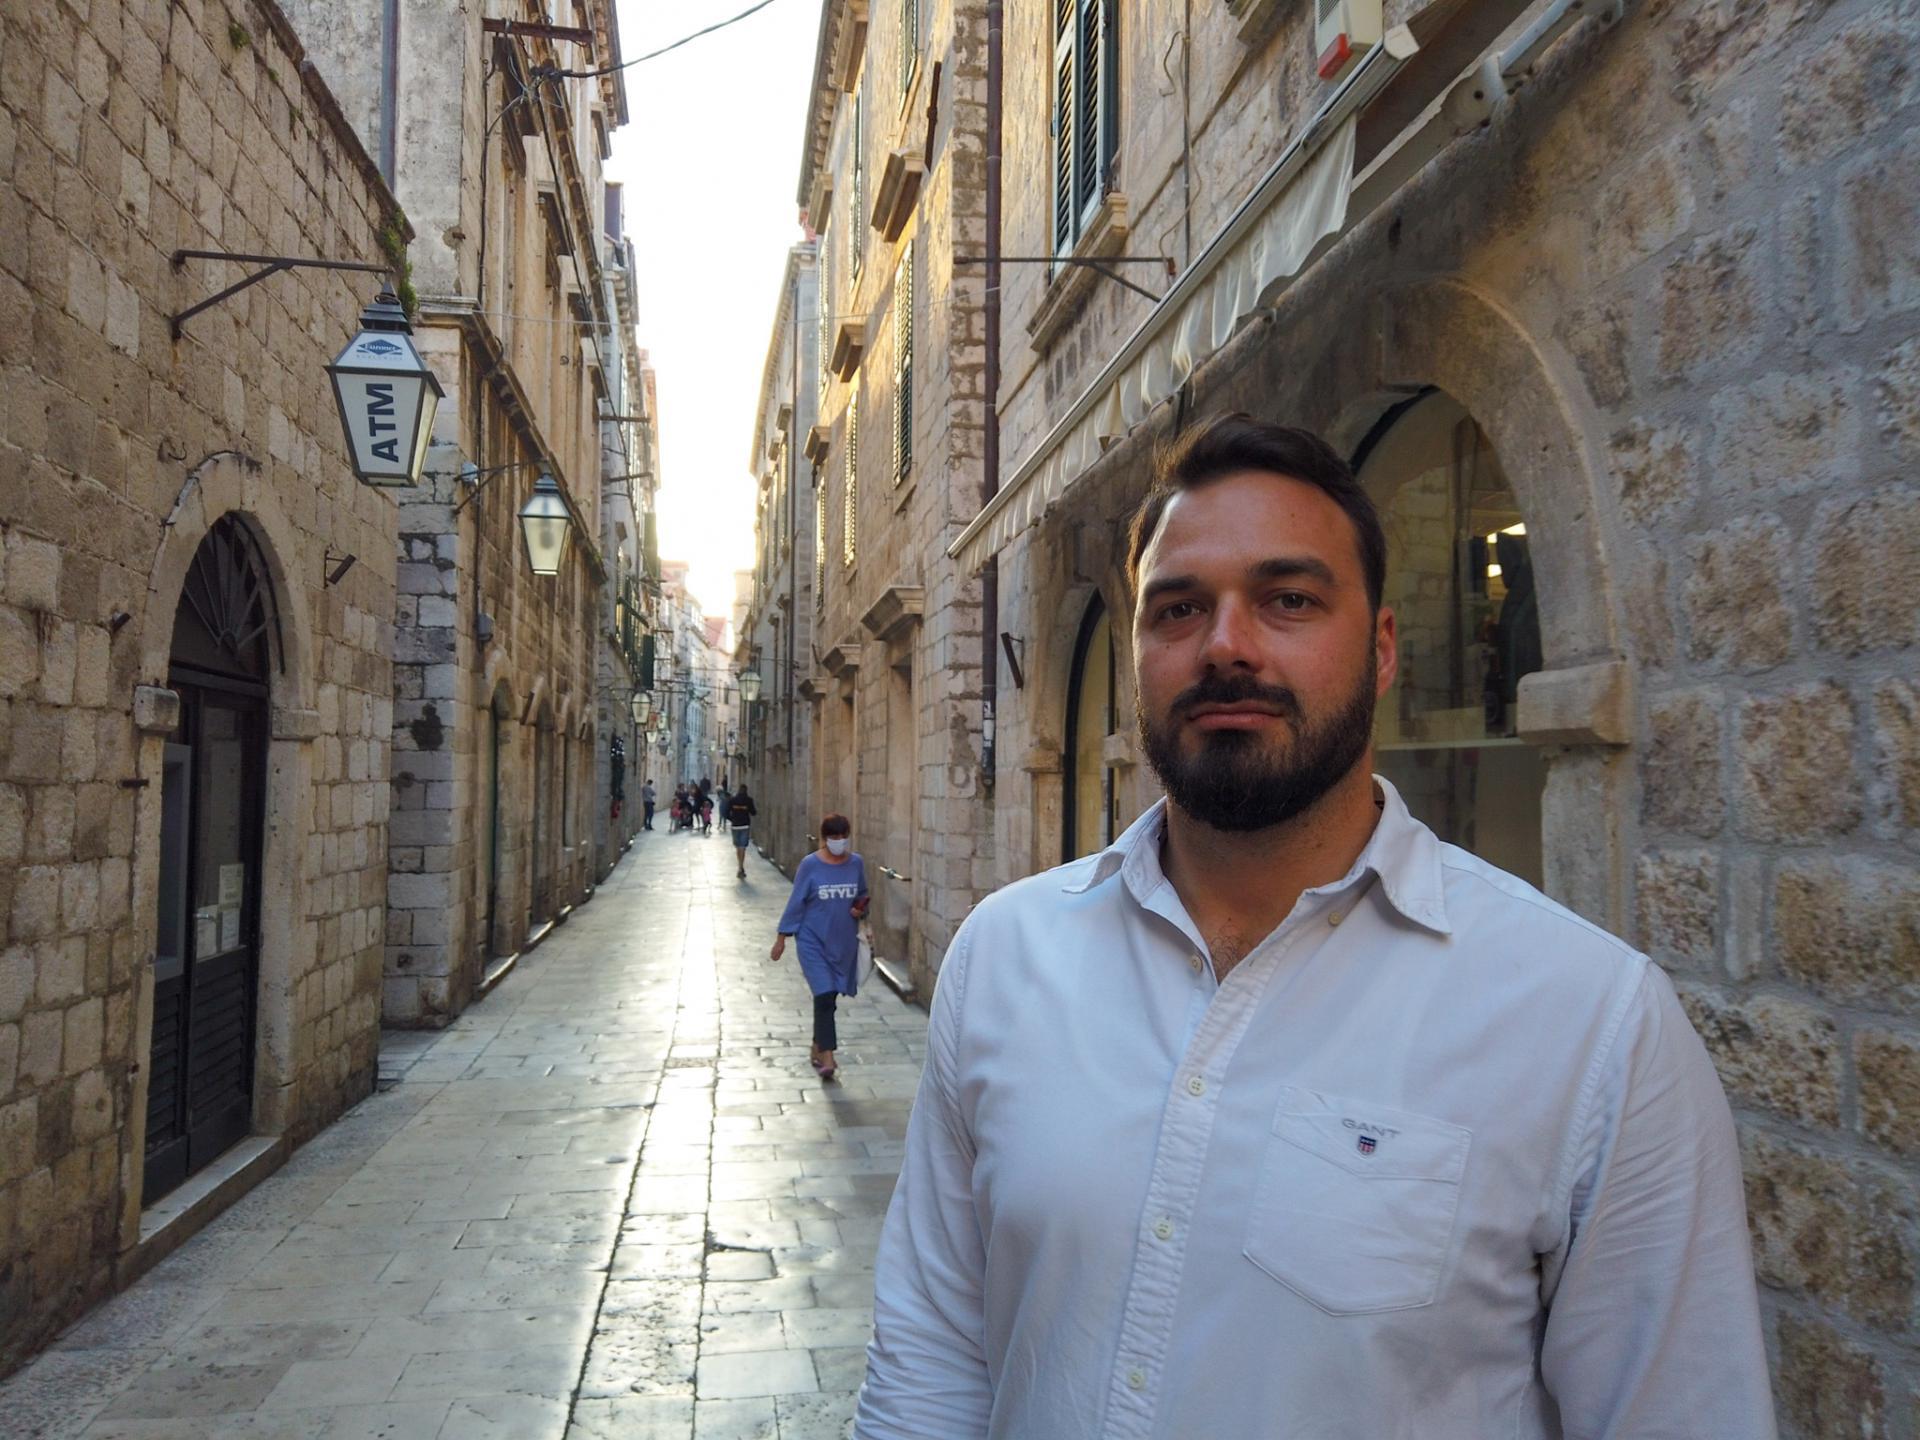 IVAN TROPAN Stanovnici povijesne jezgre nailaze na zid u komunikaciji s Gradom